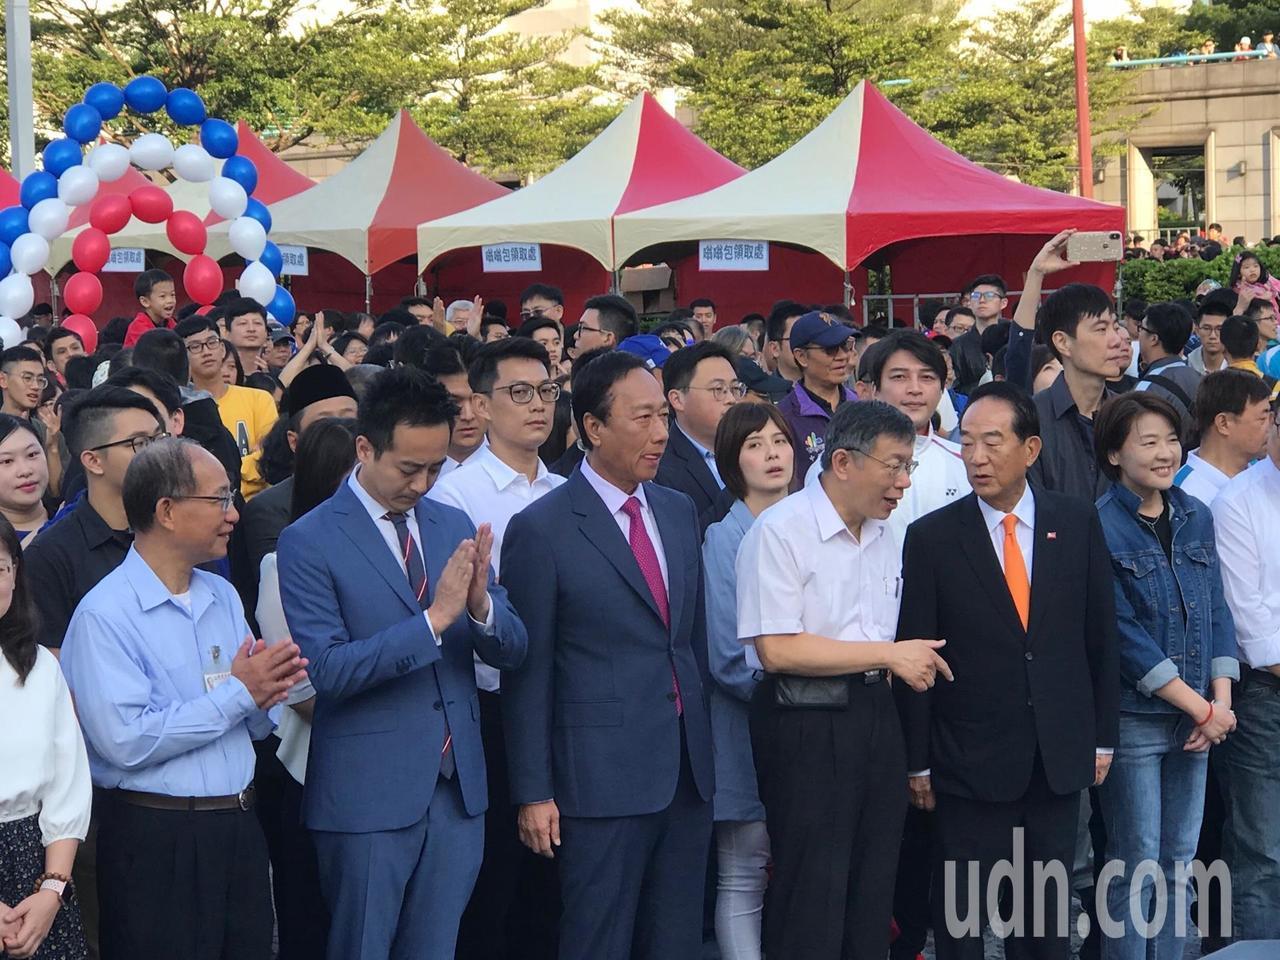 鴻海創辦人郭台銘、台北市長柯文哲和親民黨宋楚瑜今年參加國慶升旗。記者楊正海/攝影